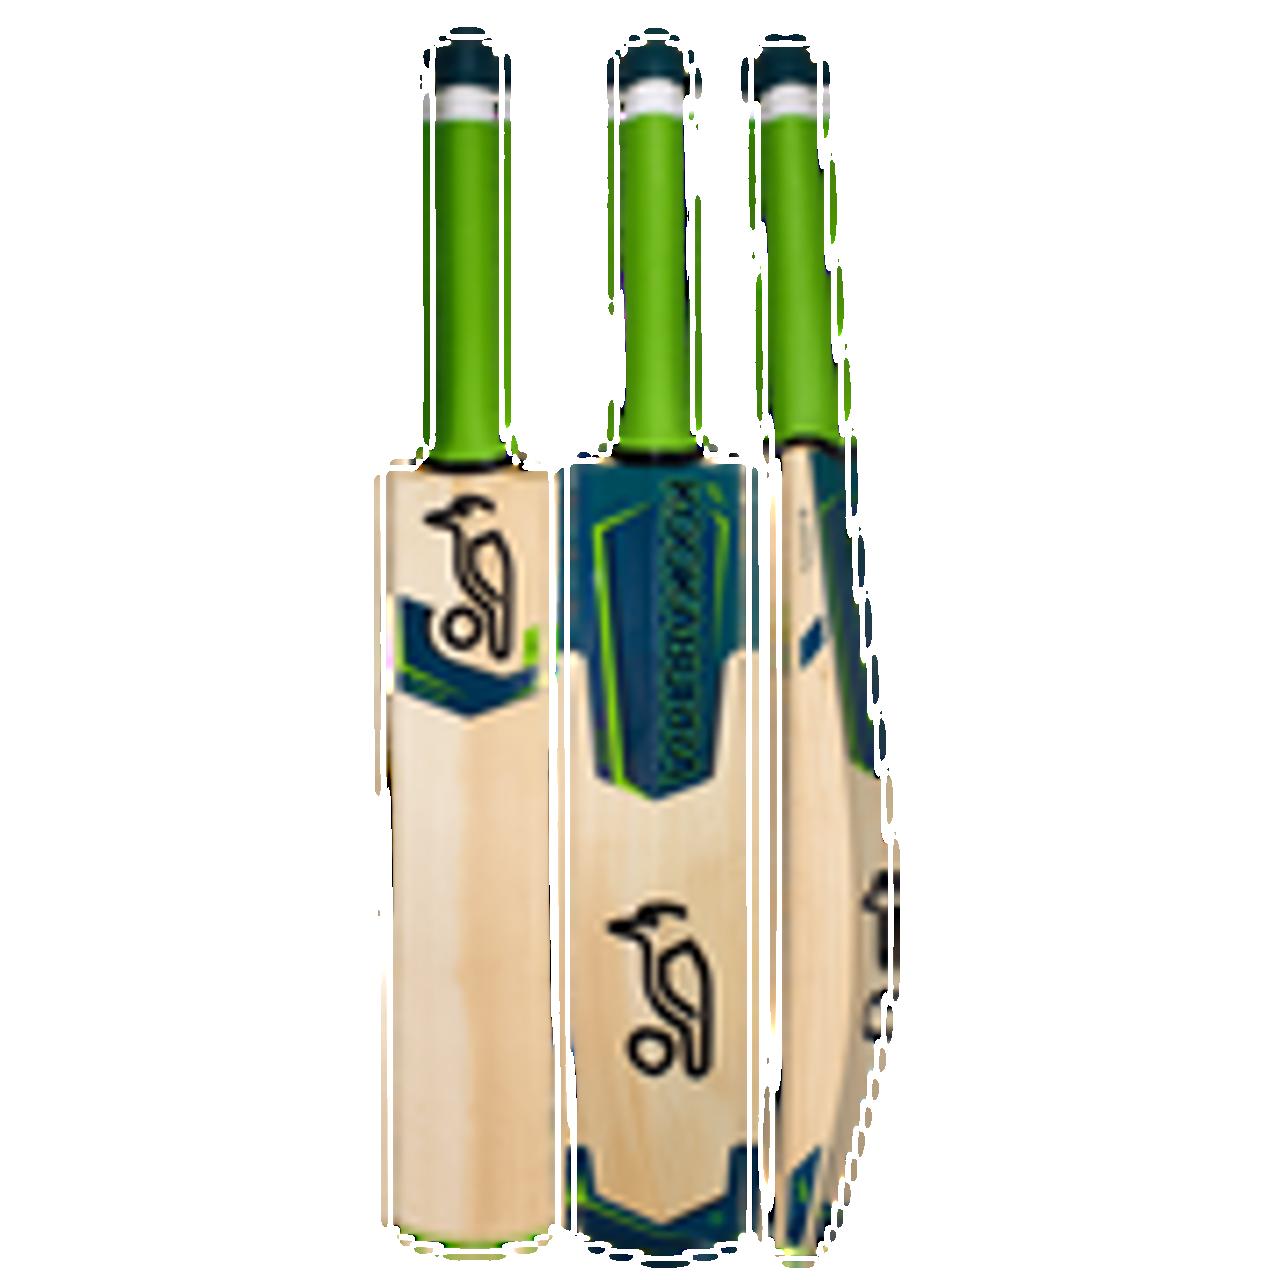 Kookaburra Kahuna Cricket Bat 2019